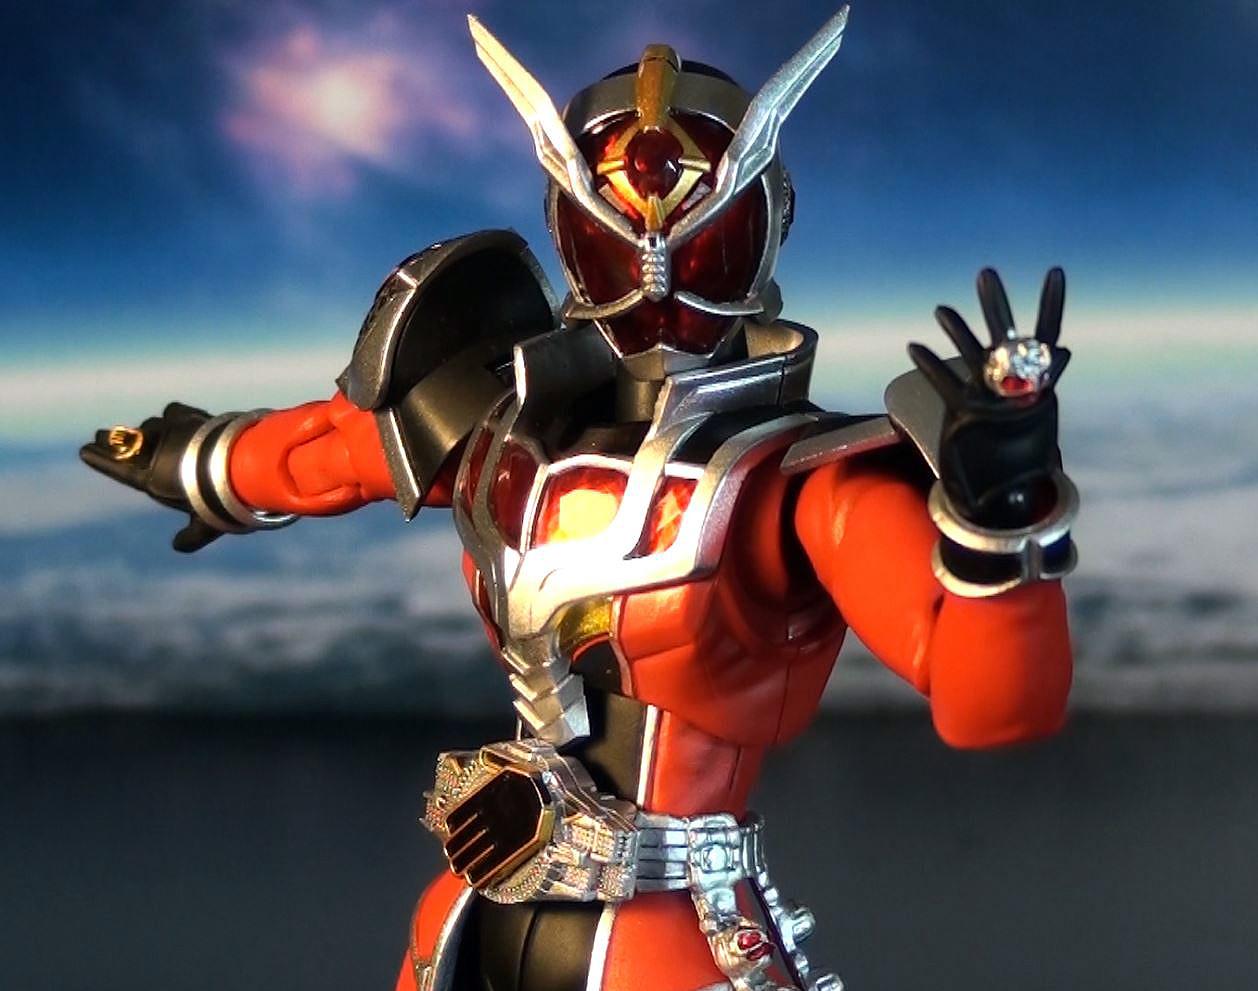 Kamen Rider Wizard Red me as Kamen Rider Wizard